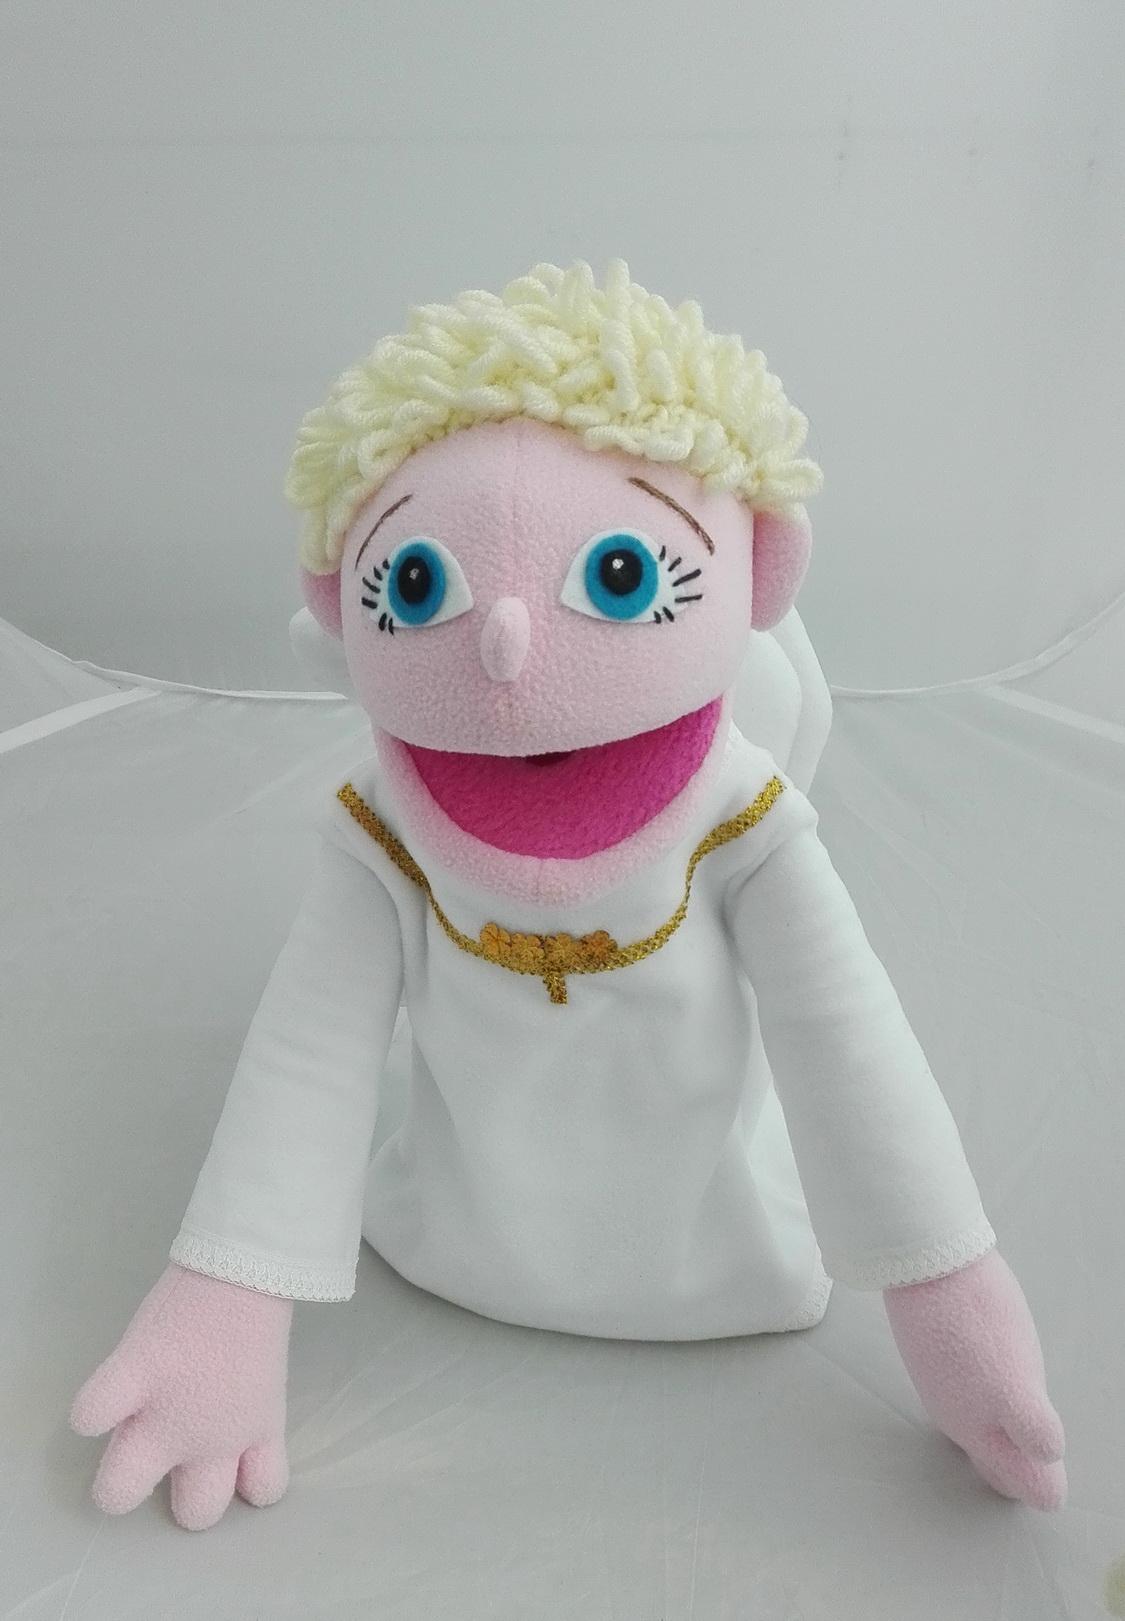 Ангел кукла с открывающимся ртом для кукольного театра